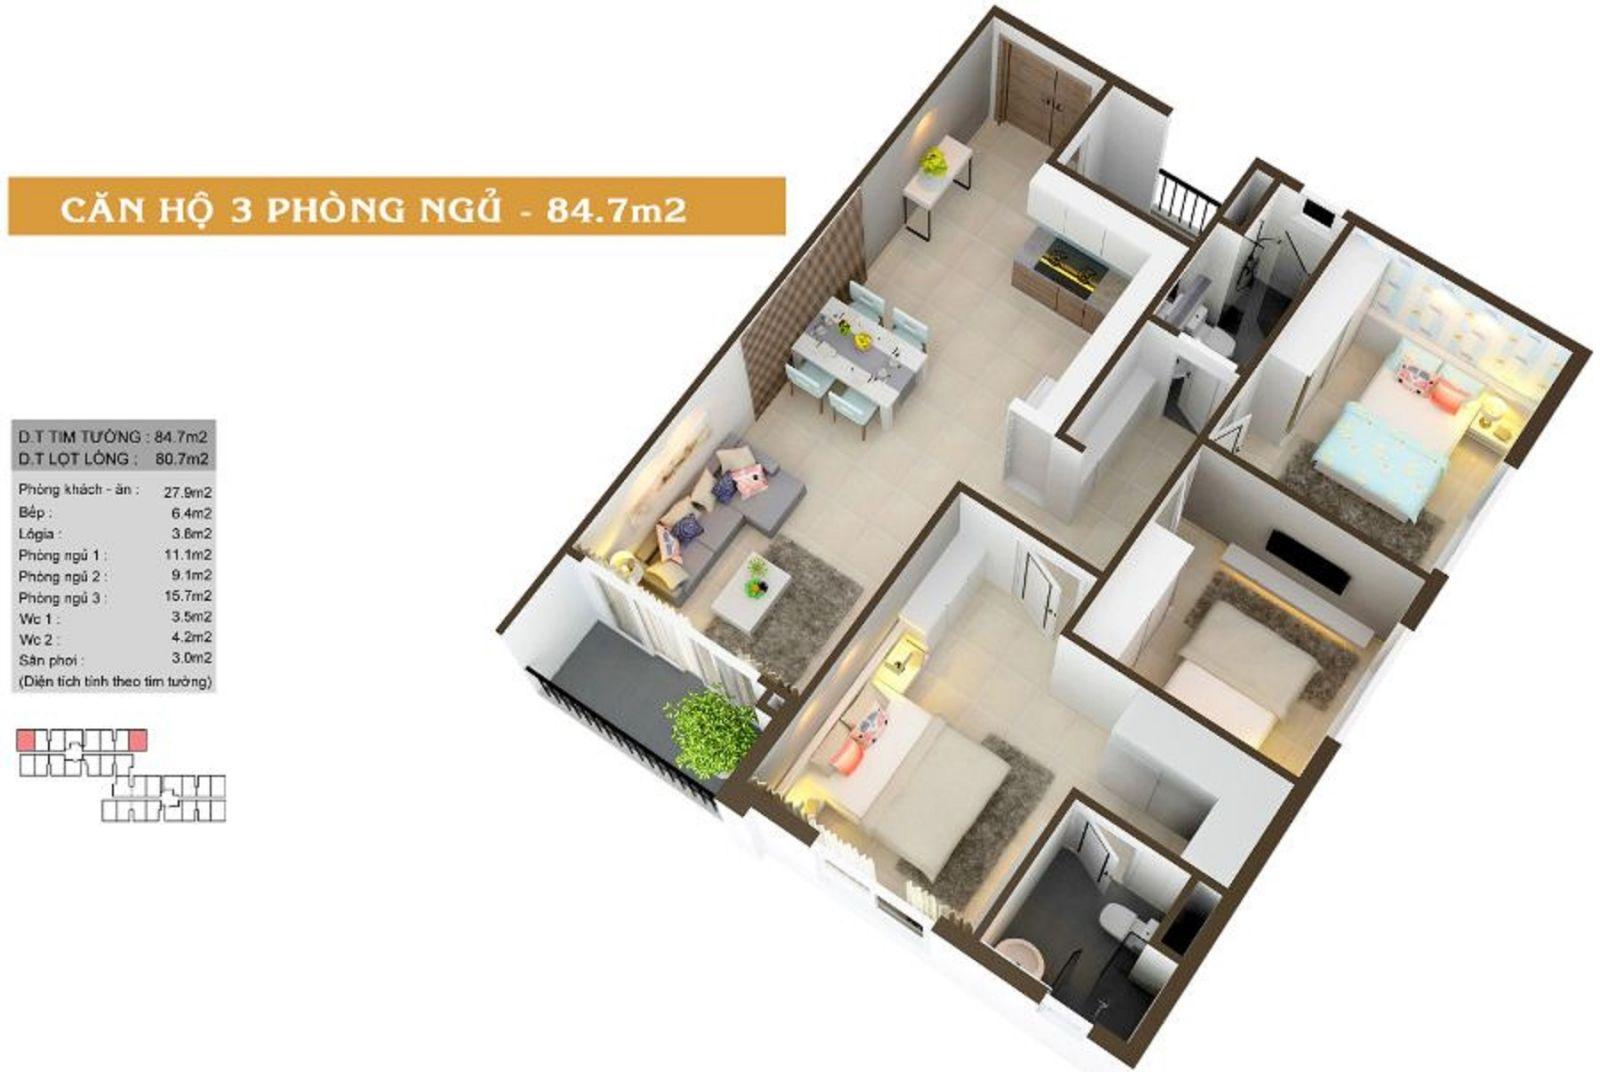 Thiết kế căn hộ 2PN diện tích 84.7m2